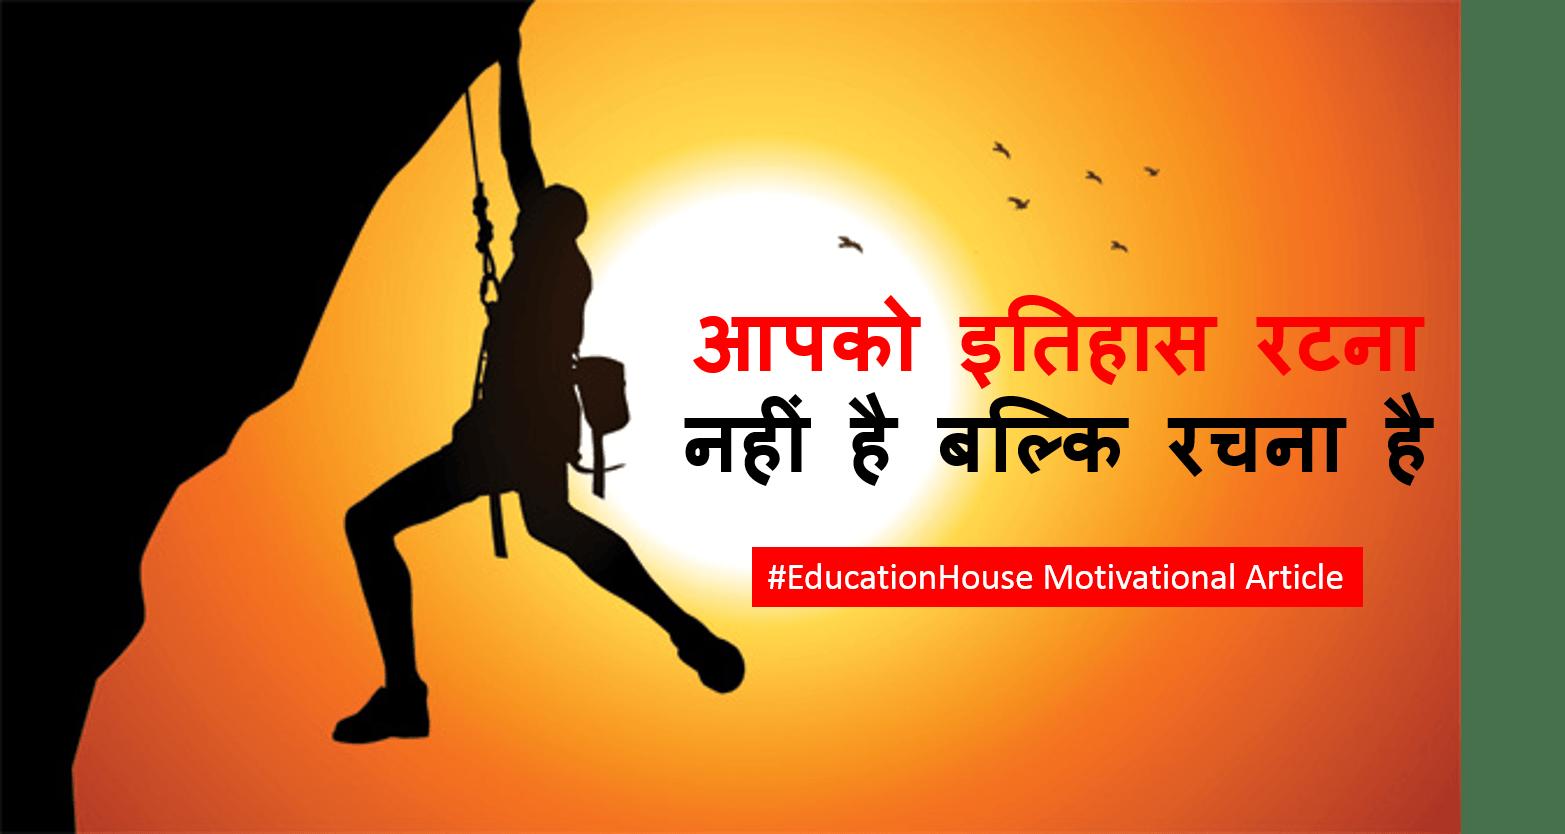 #EducationHouse Motivational Article